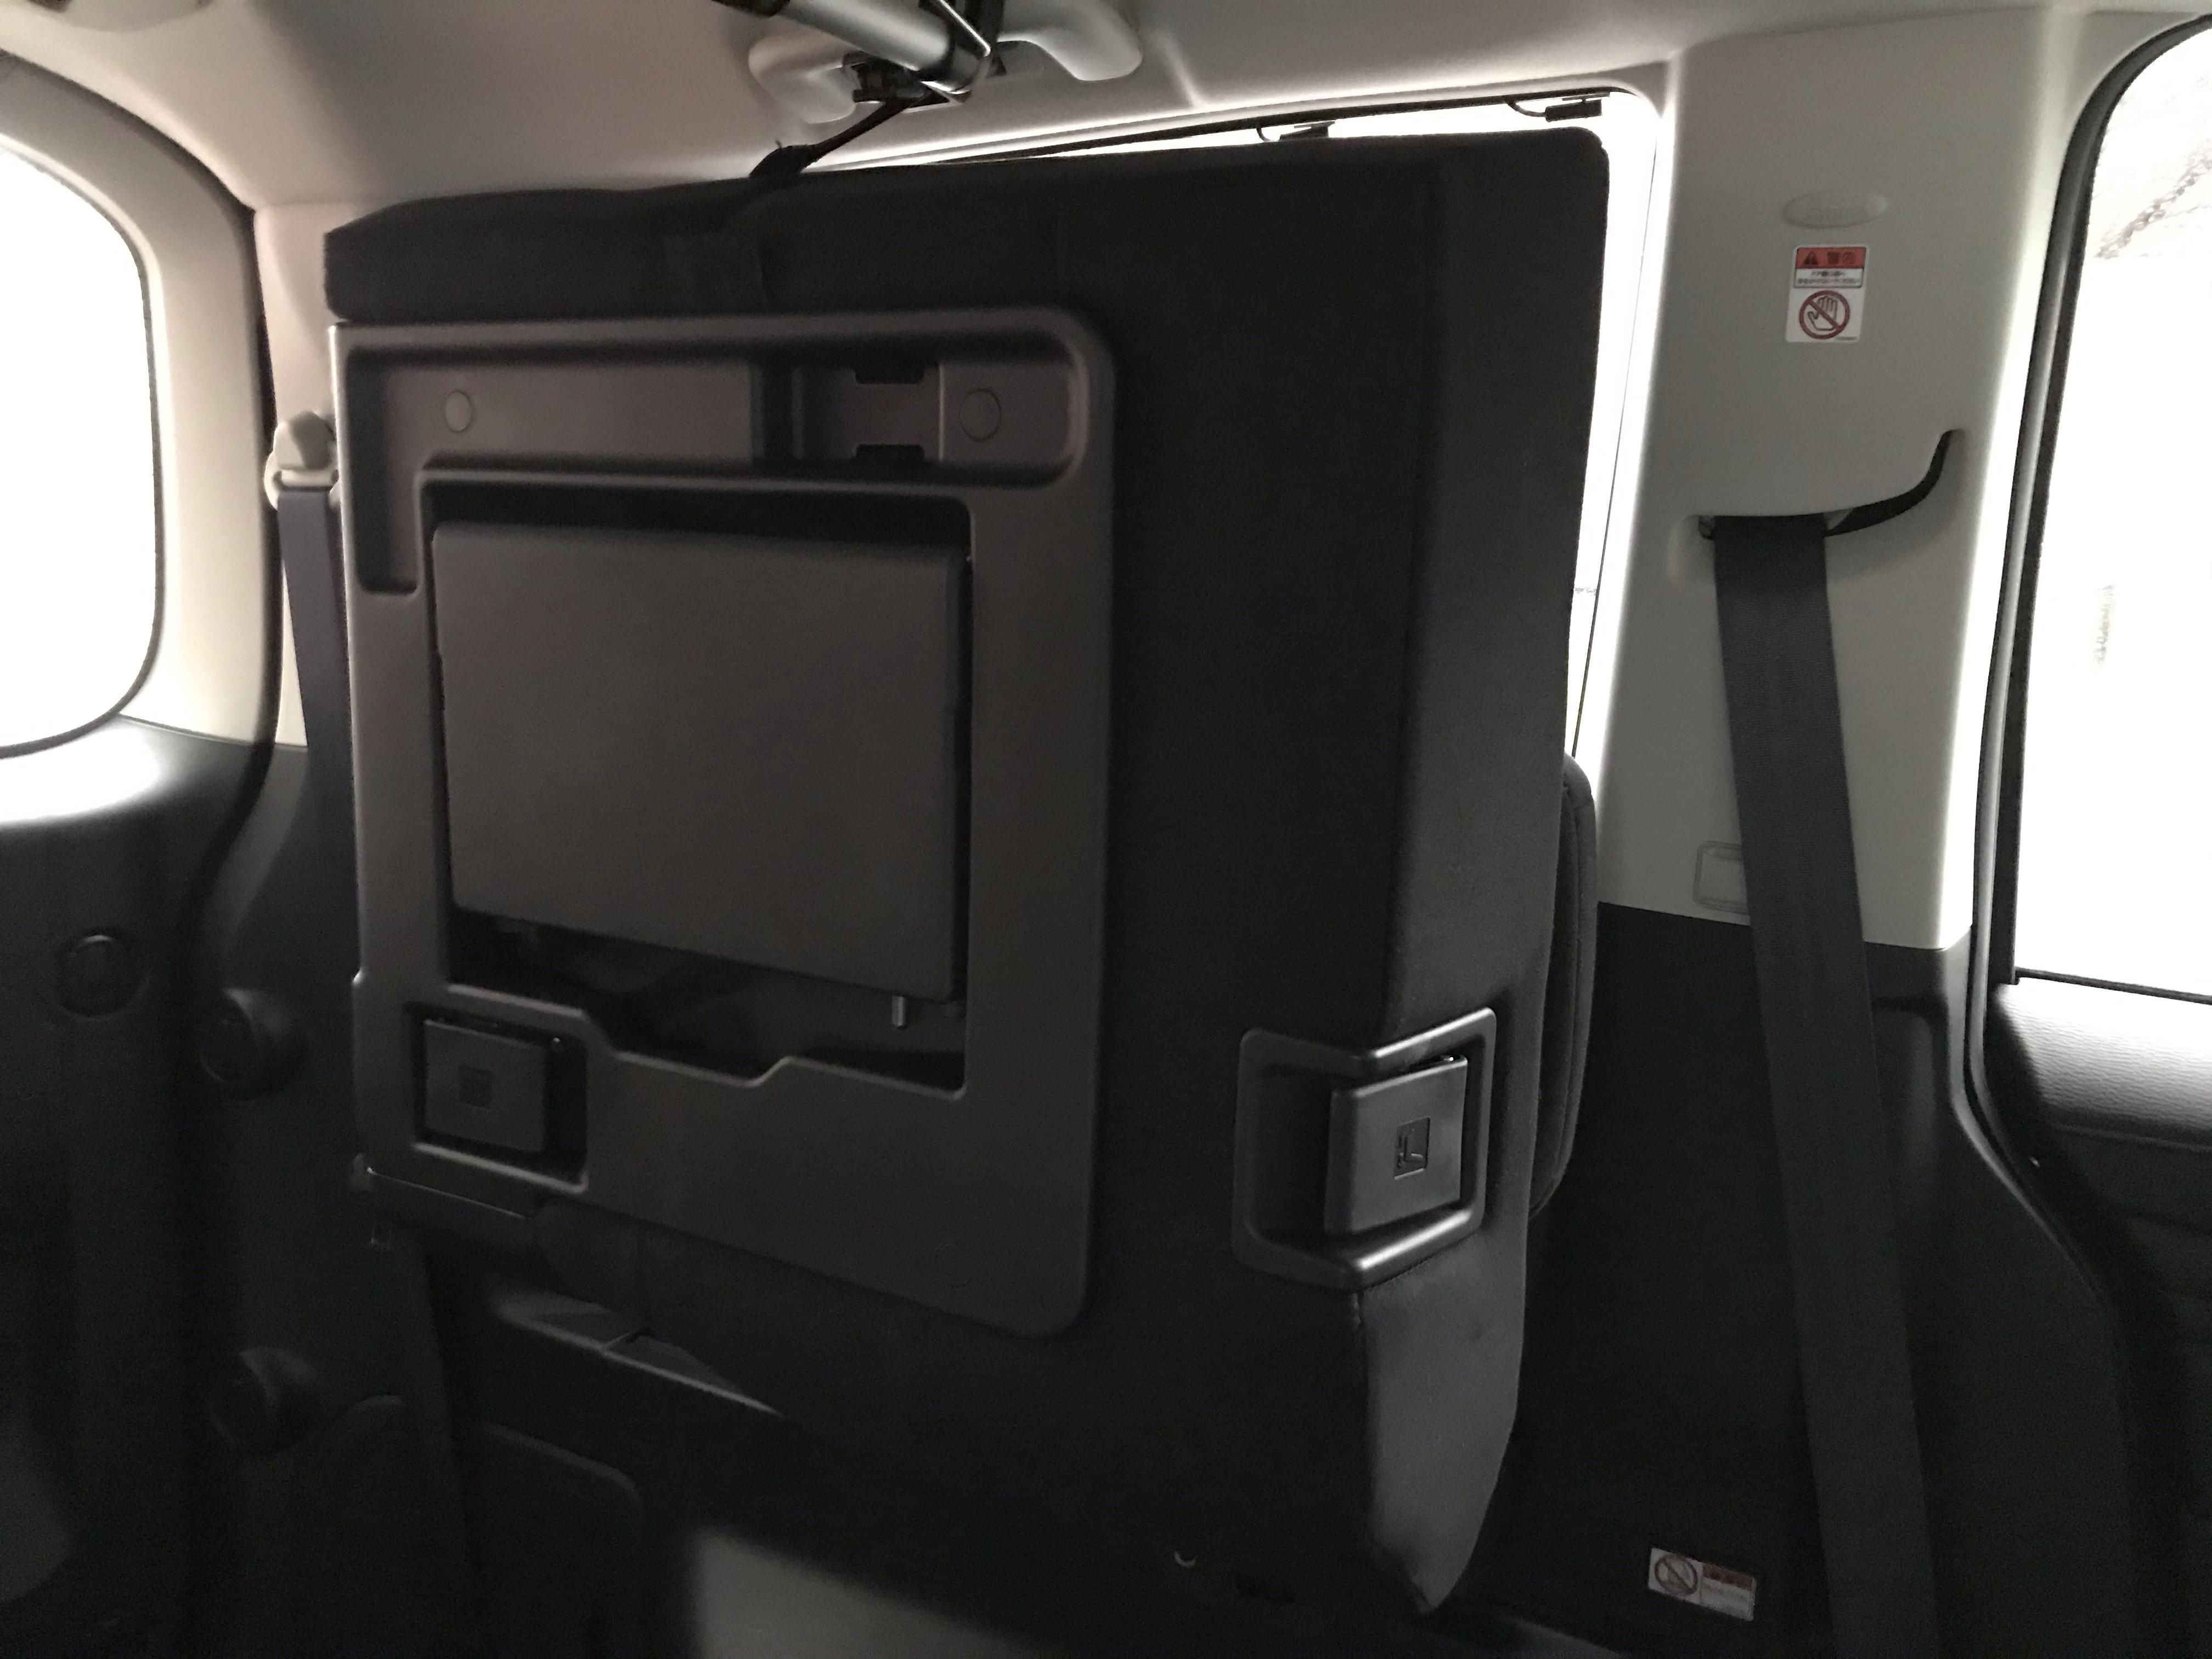 デリカD5 サードシート 3列目シート